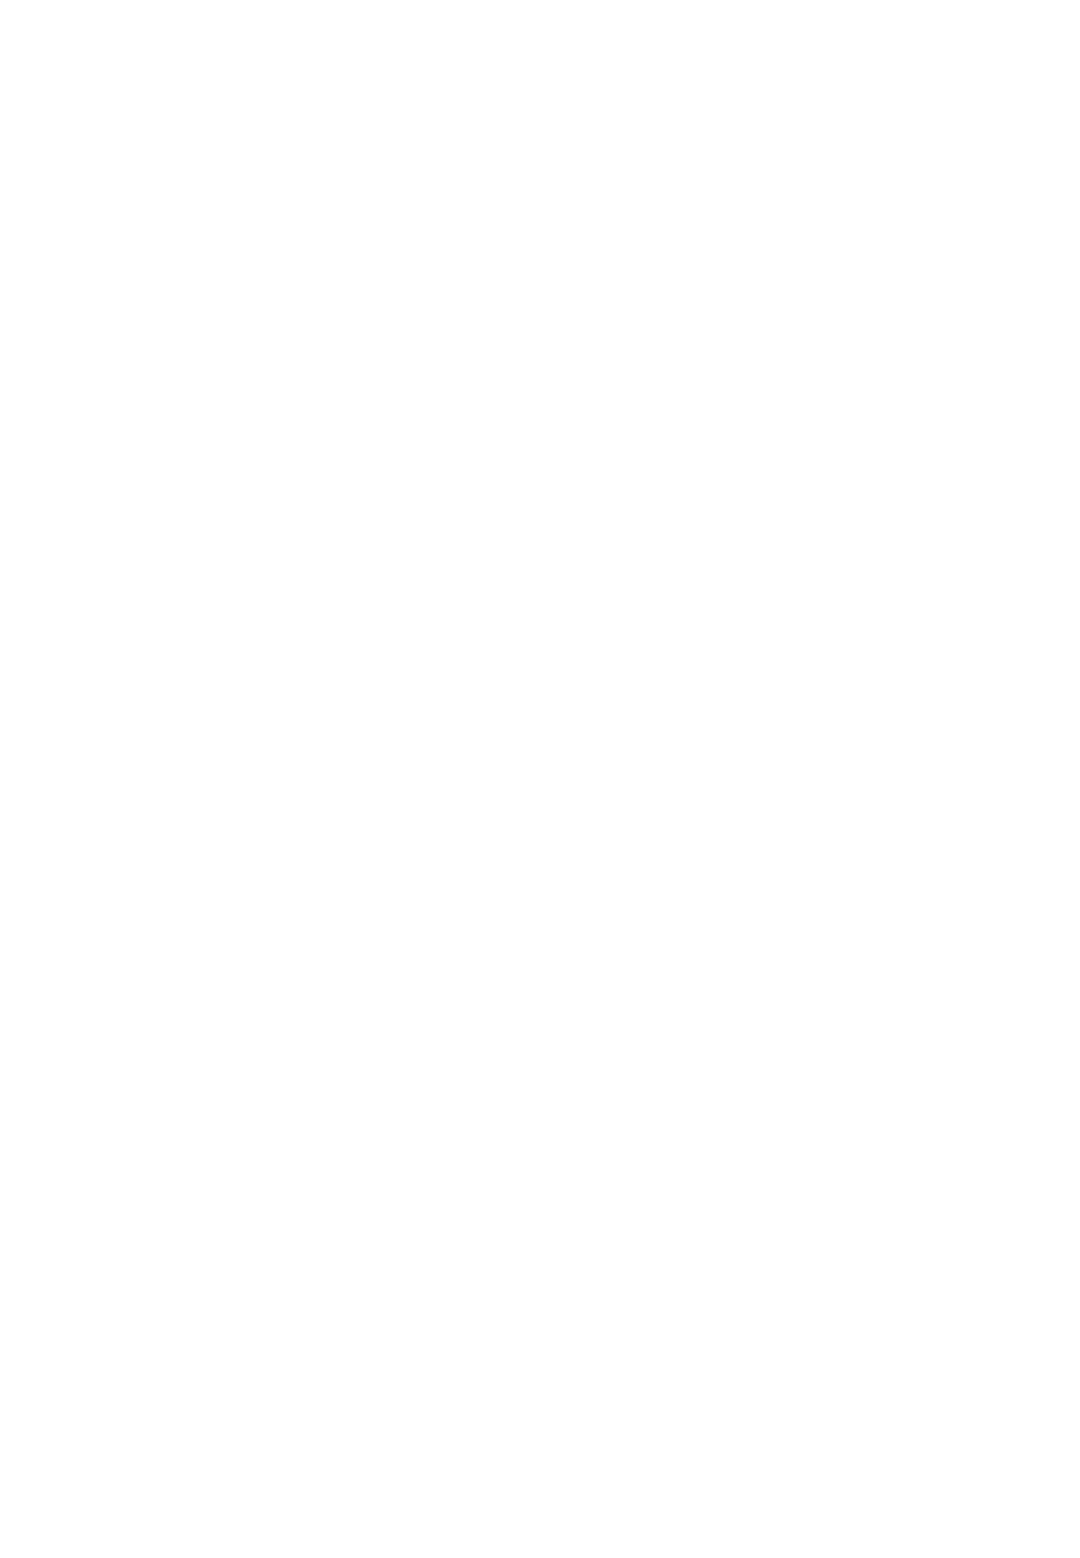 【エロ同人誌】セクシー衣装から溢れるほどの巨乳で男をムラムラさせる美女…鼻息が荒くなってくる二人がご奉仕し合って、無限にハメ続ける連続中出しセックス!【白ふぐ:タマモテンプテーション】